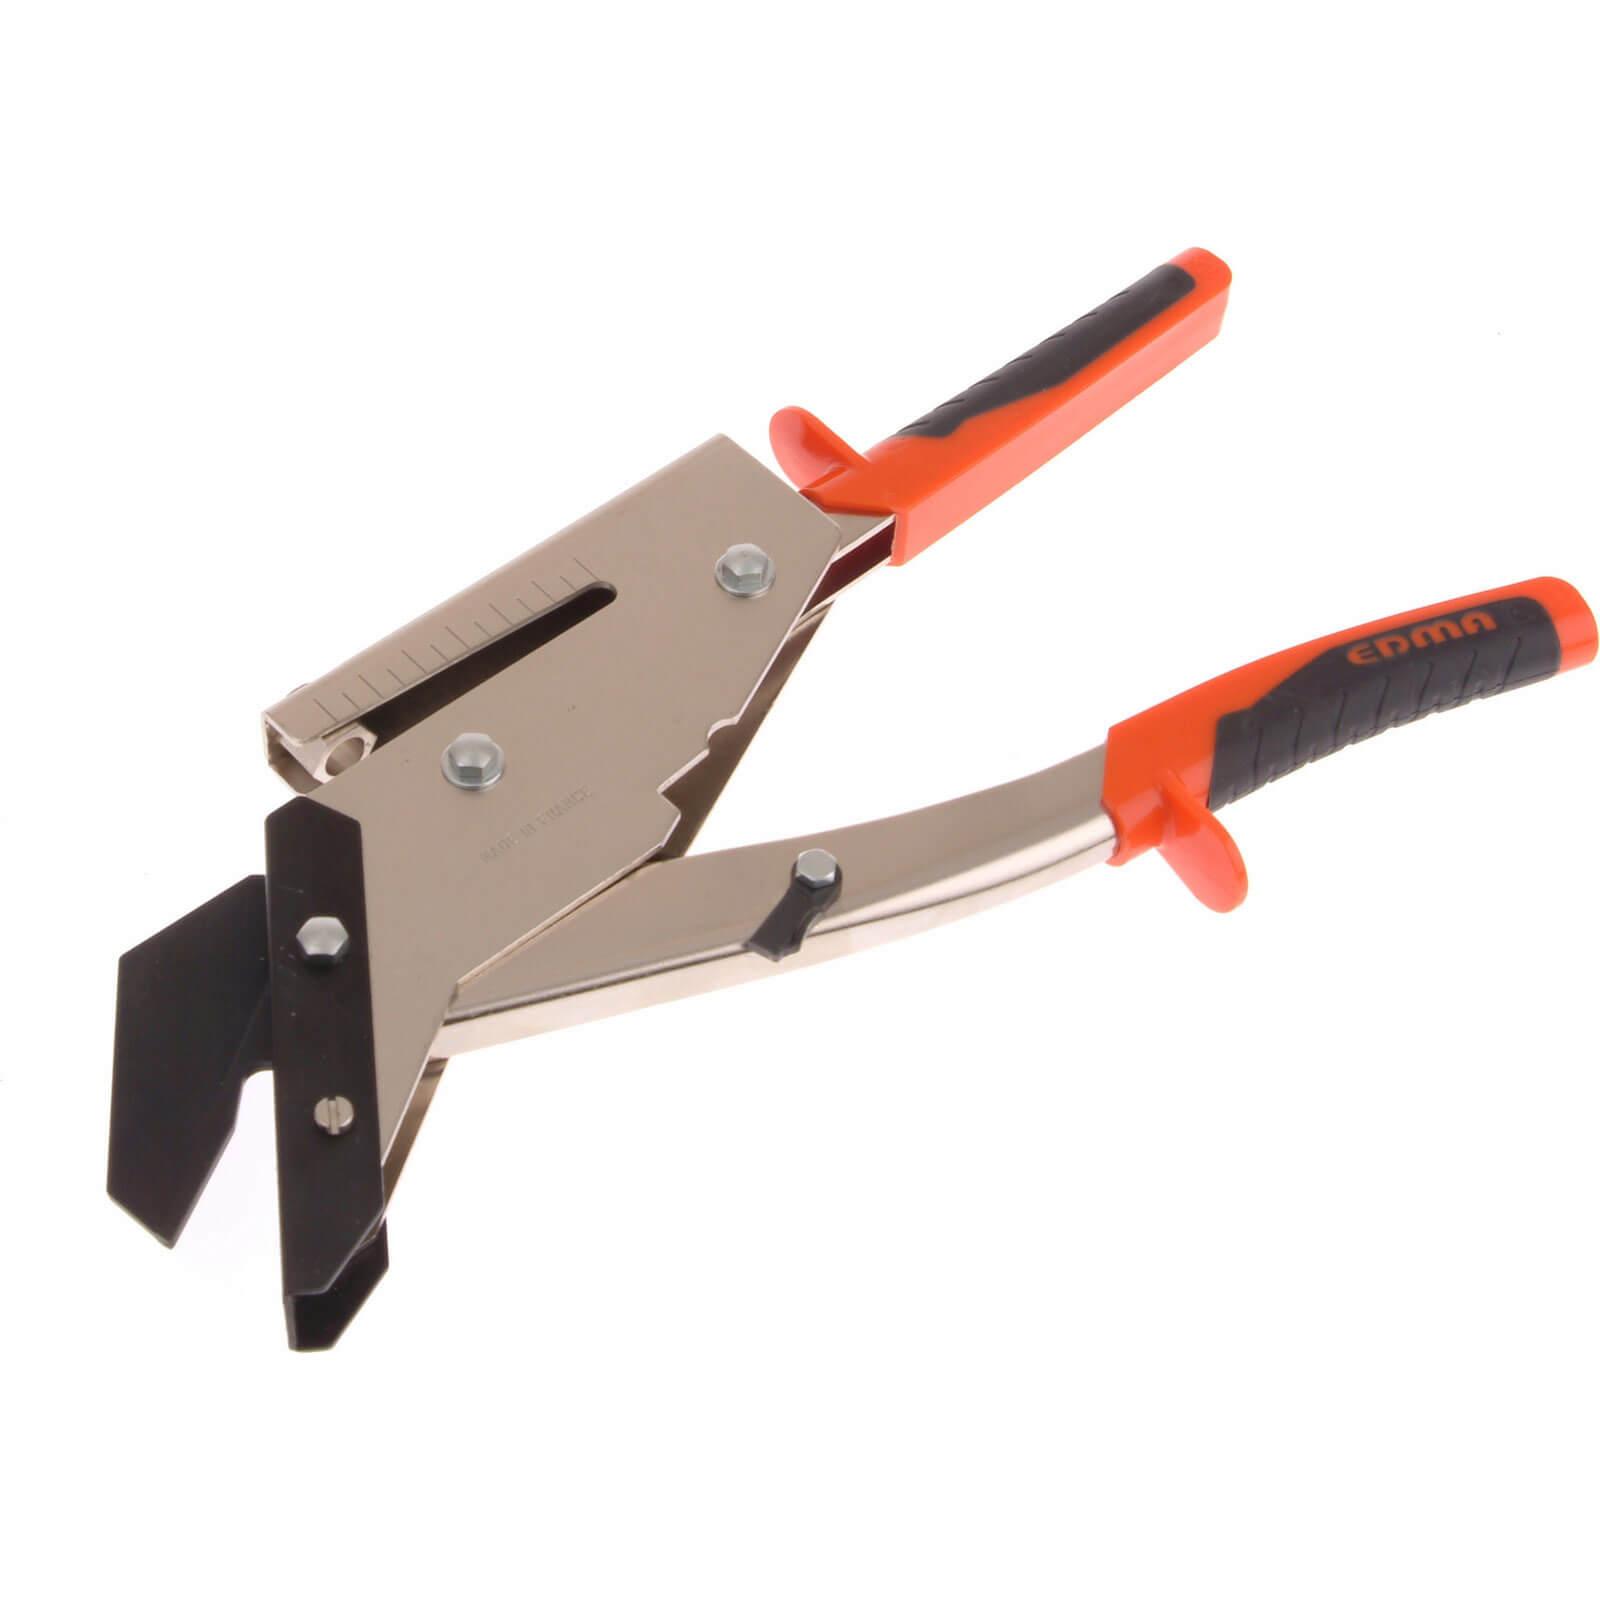 Edma 310 / 1005 Edma Mat Roof Slate & Punch Cutter